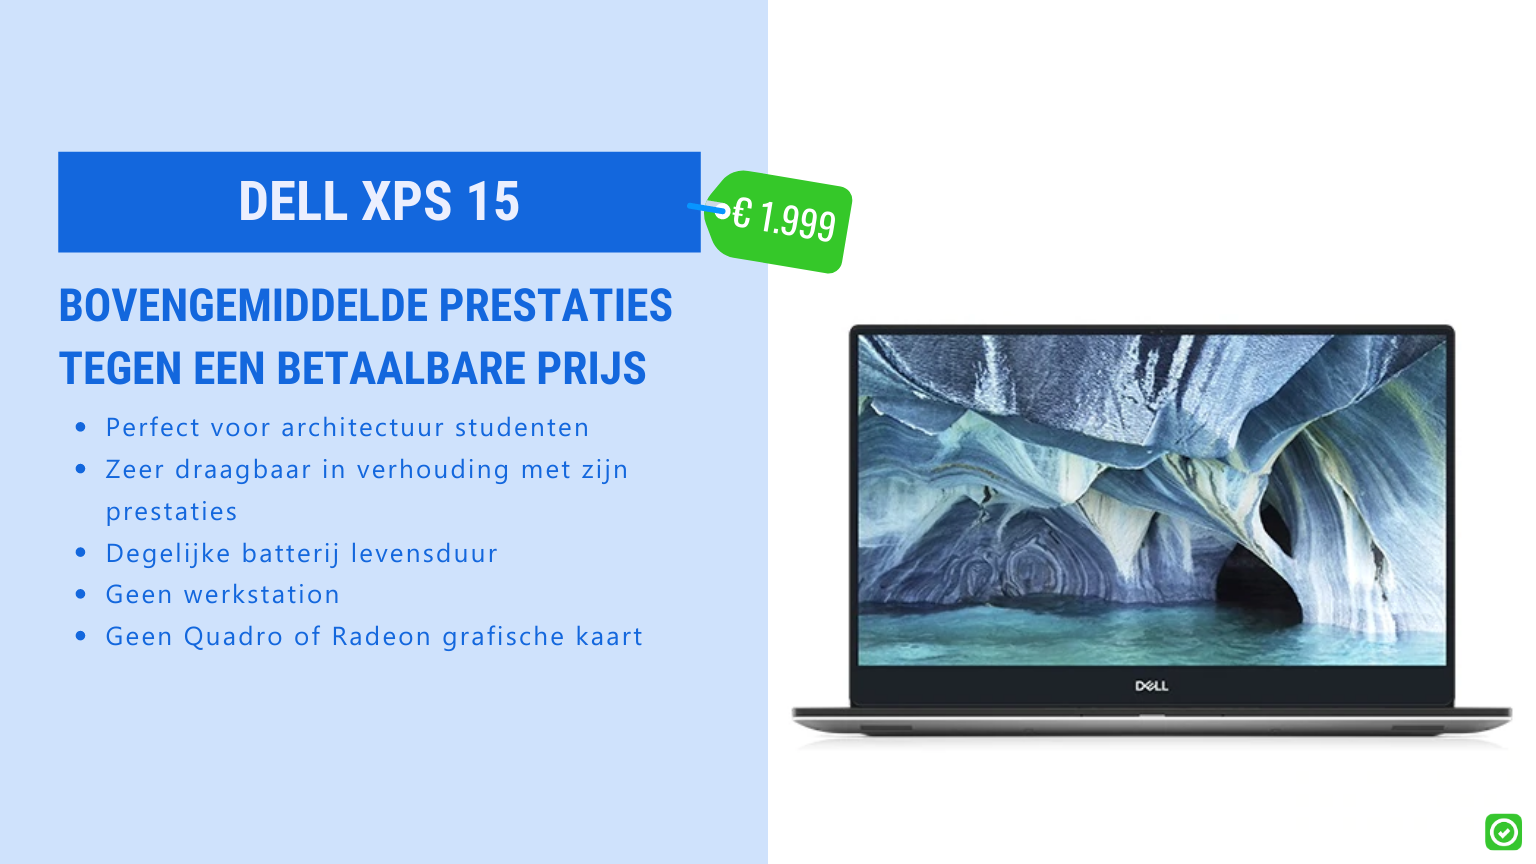 dell xps 15 beste laptop voor architectuur student